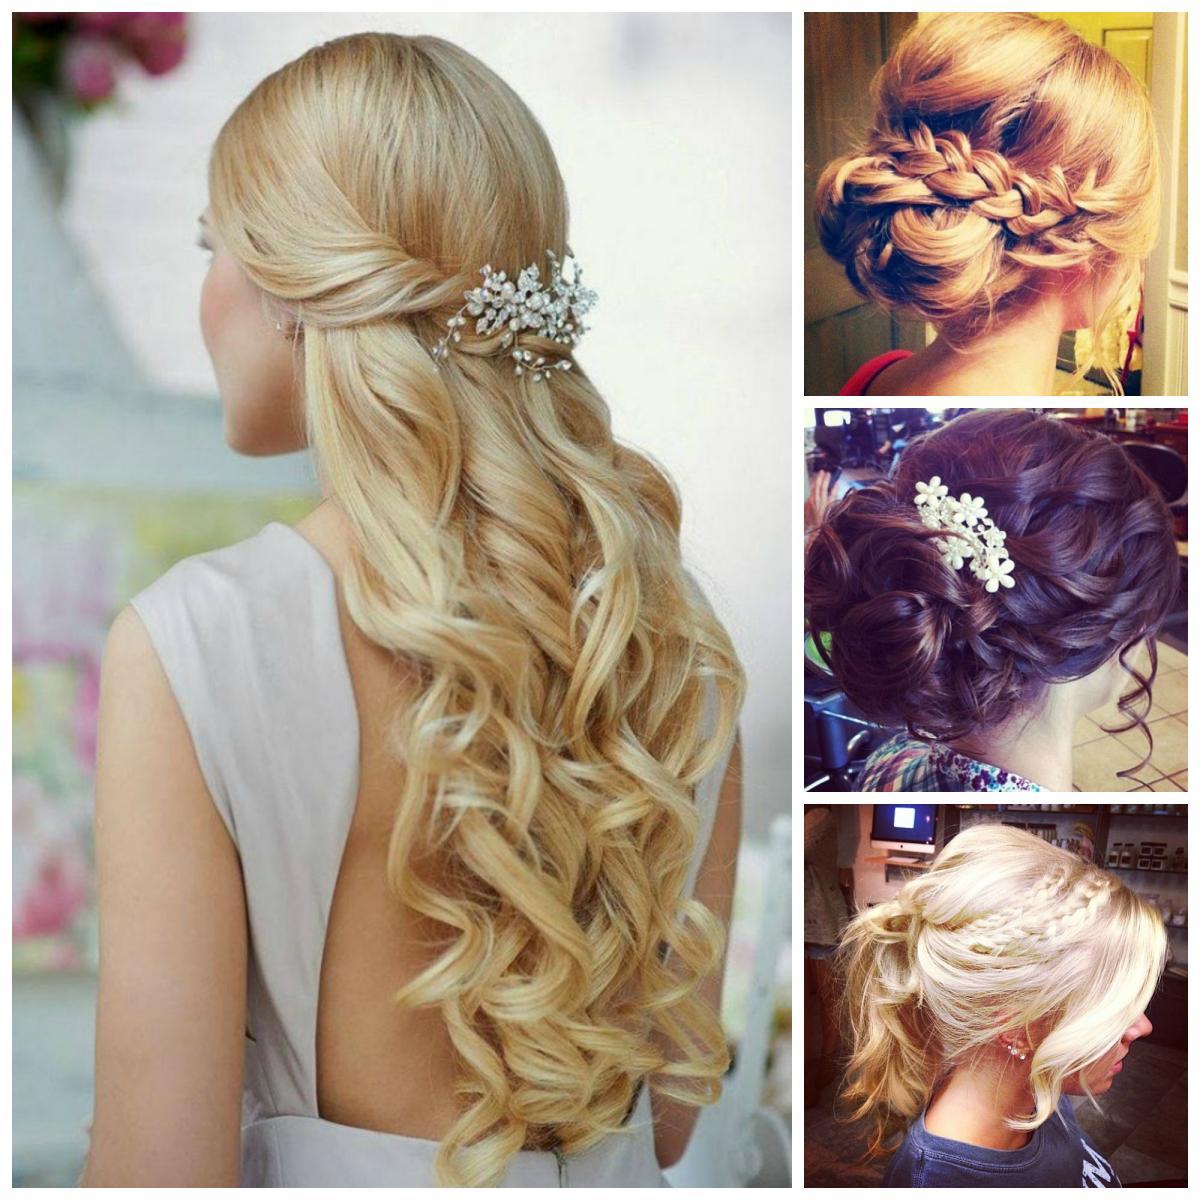 ykladka_dlinnaya11 Укладка на длинные волосы - 112 фото и идей причесок в домашних условиях